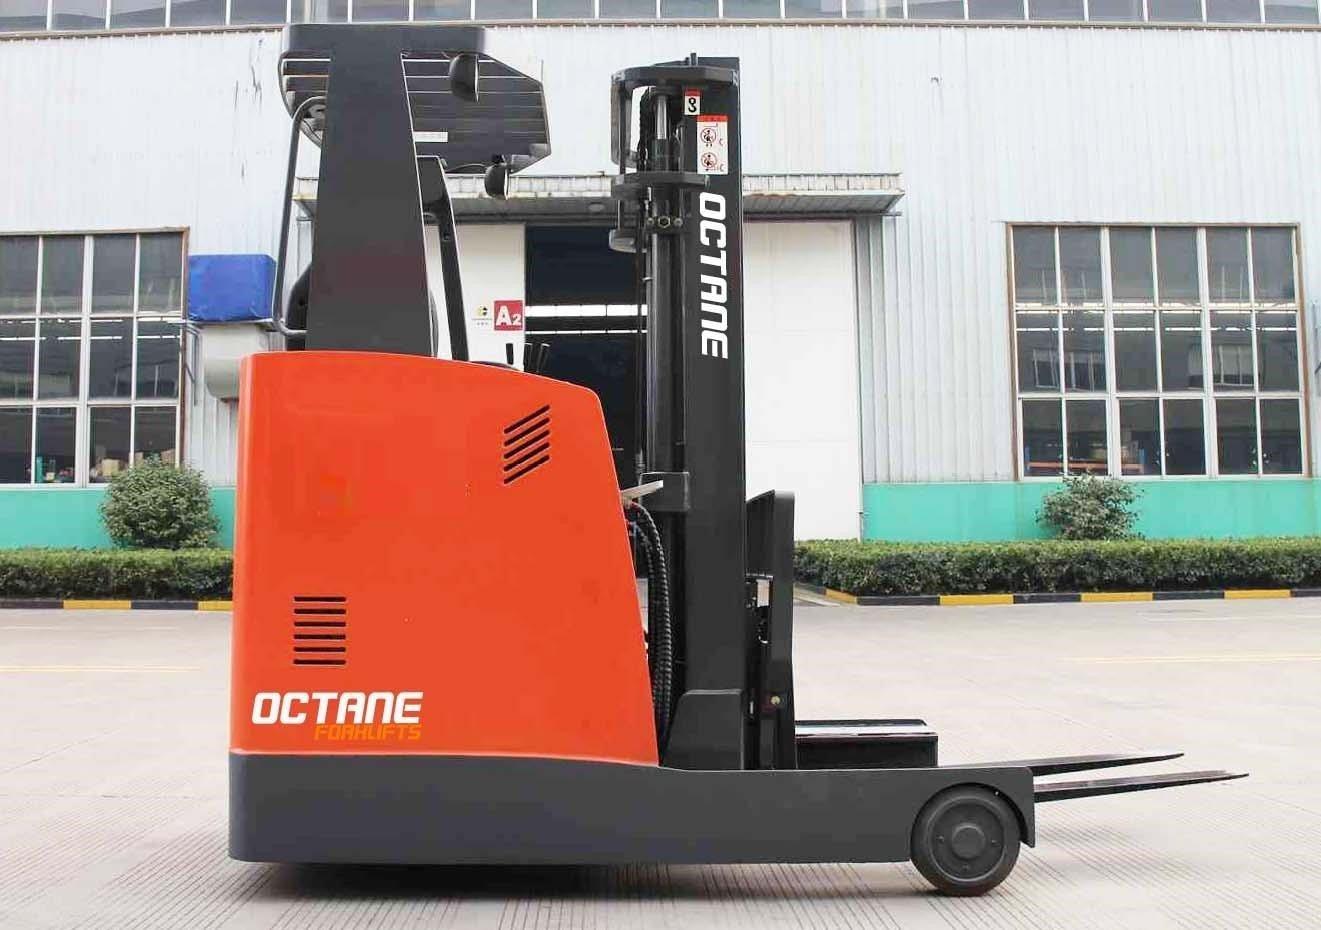 2018 Octane FBR20 Forklift